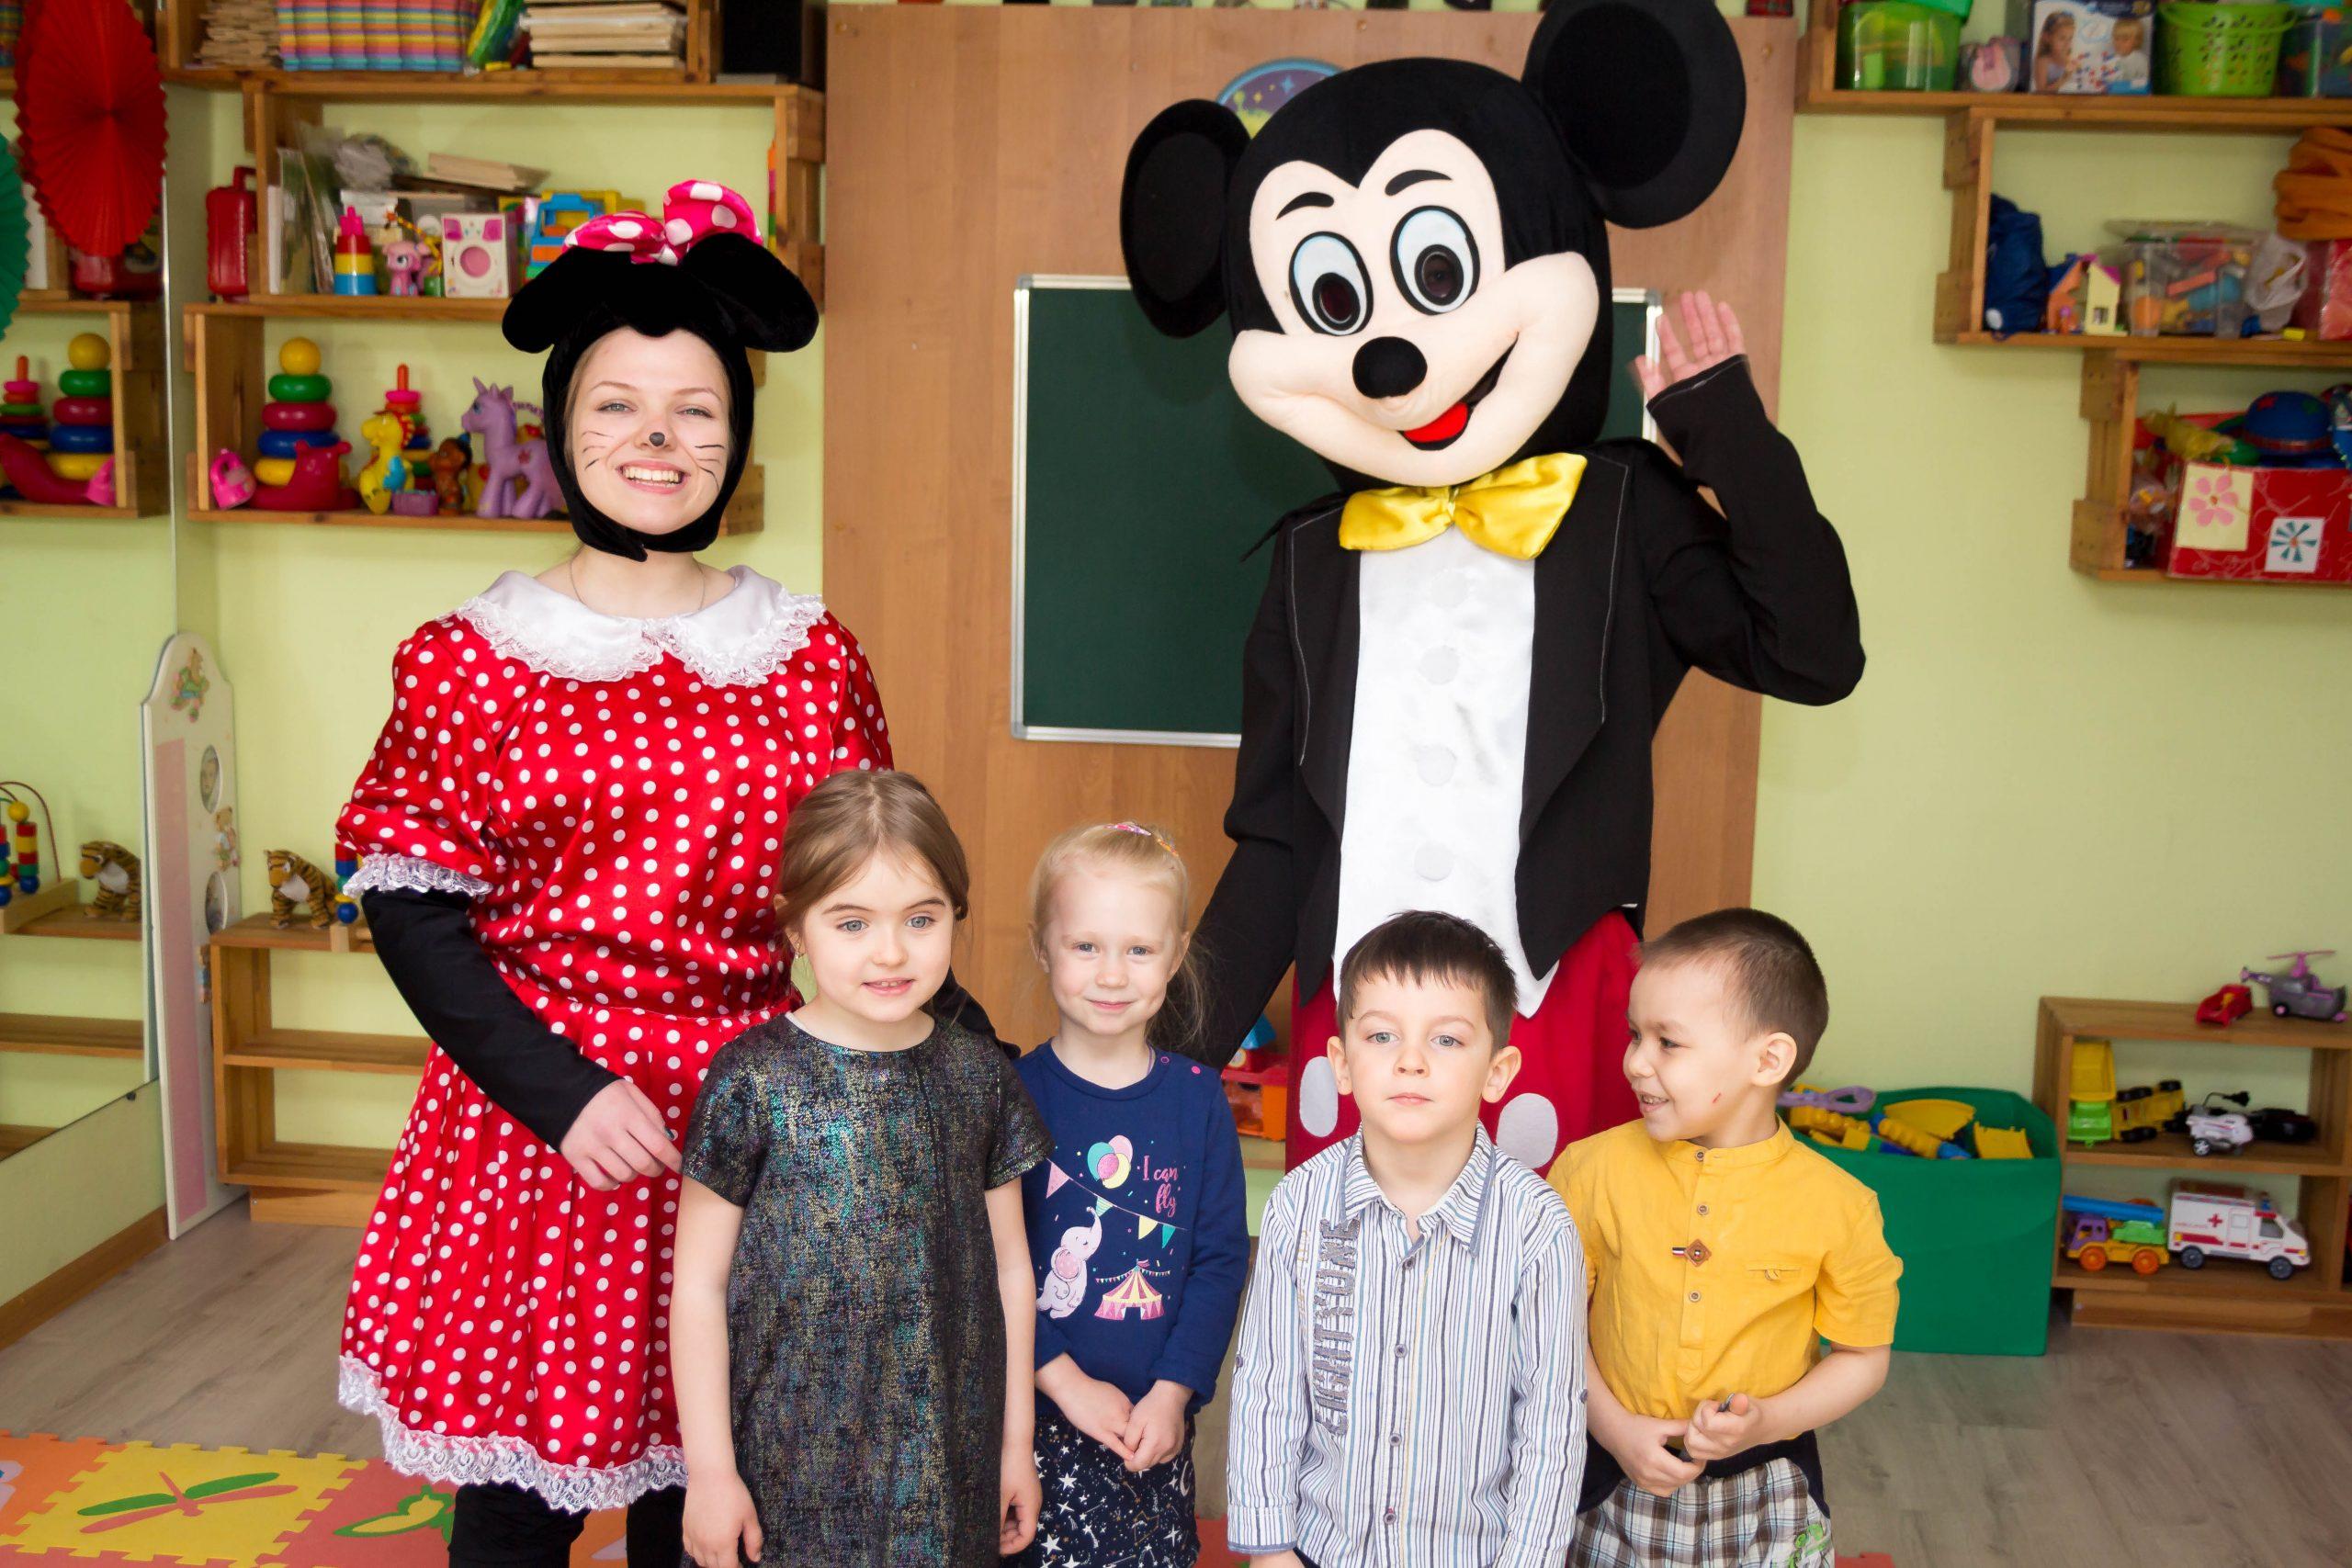 дети фотографируются с аниматорами